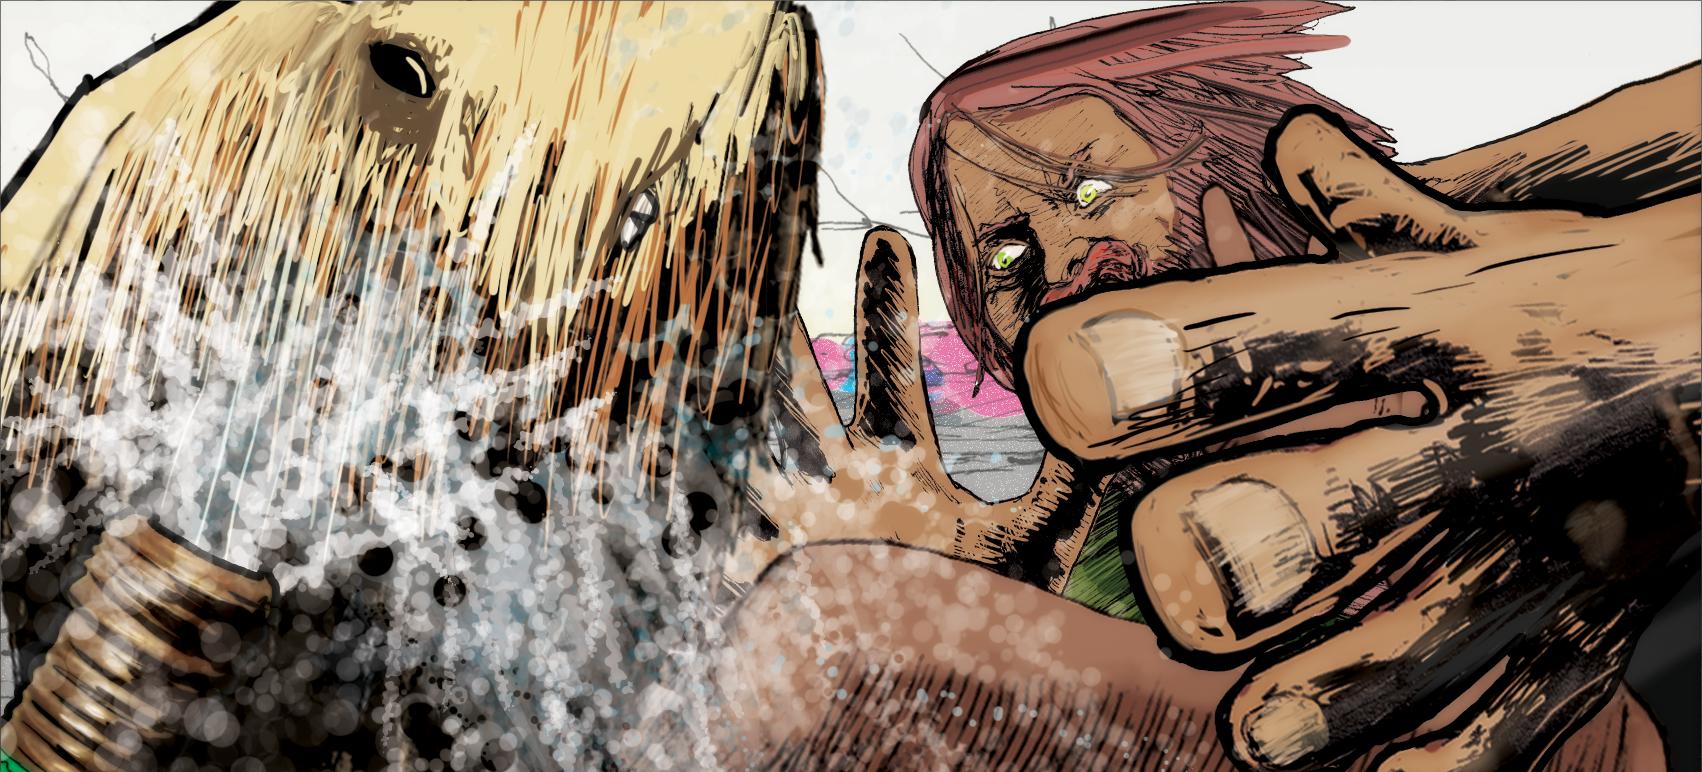 Monomania panel #90